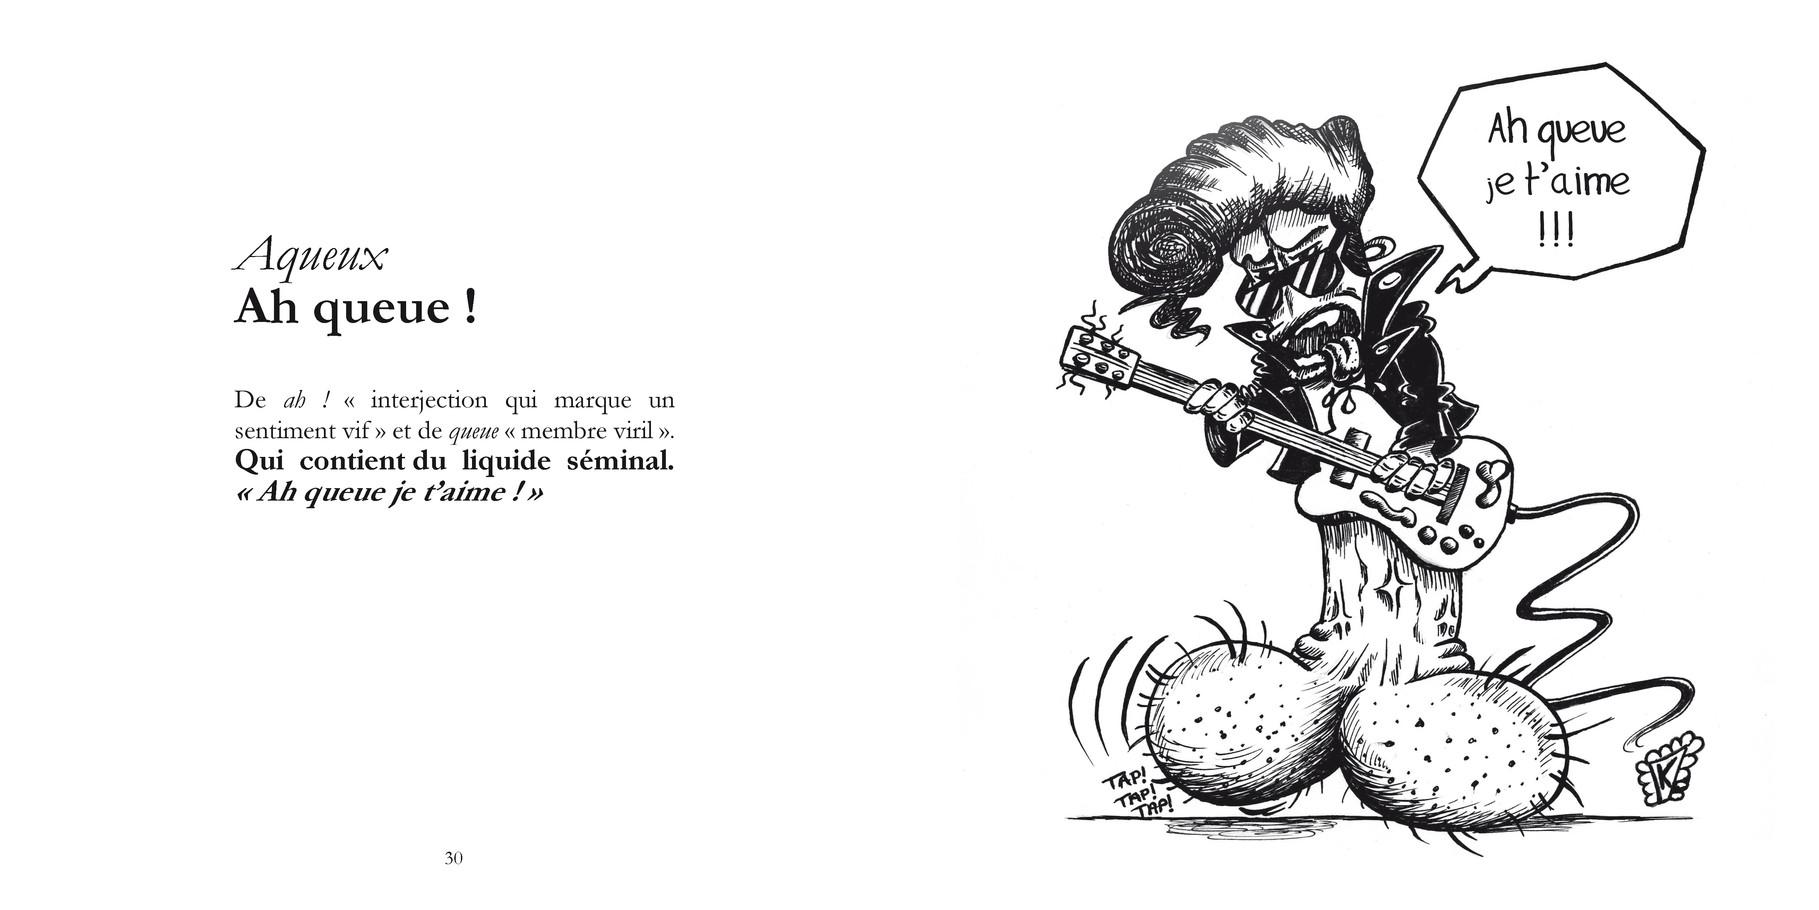 Aqueux - Ah queue ! /  P30-31 du Bestof 1 / Texte Edith - Dessin Kirira / Droits réservés   Reproduction interdite